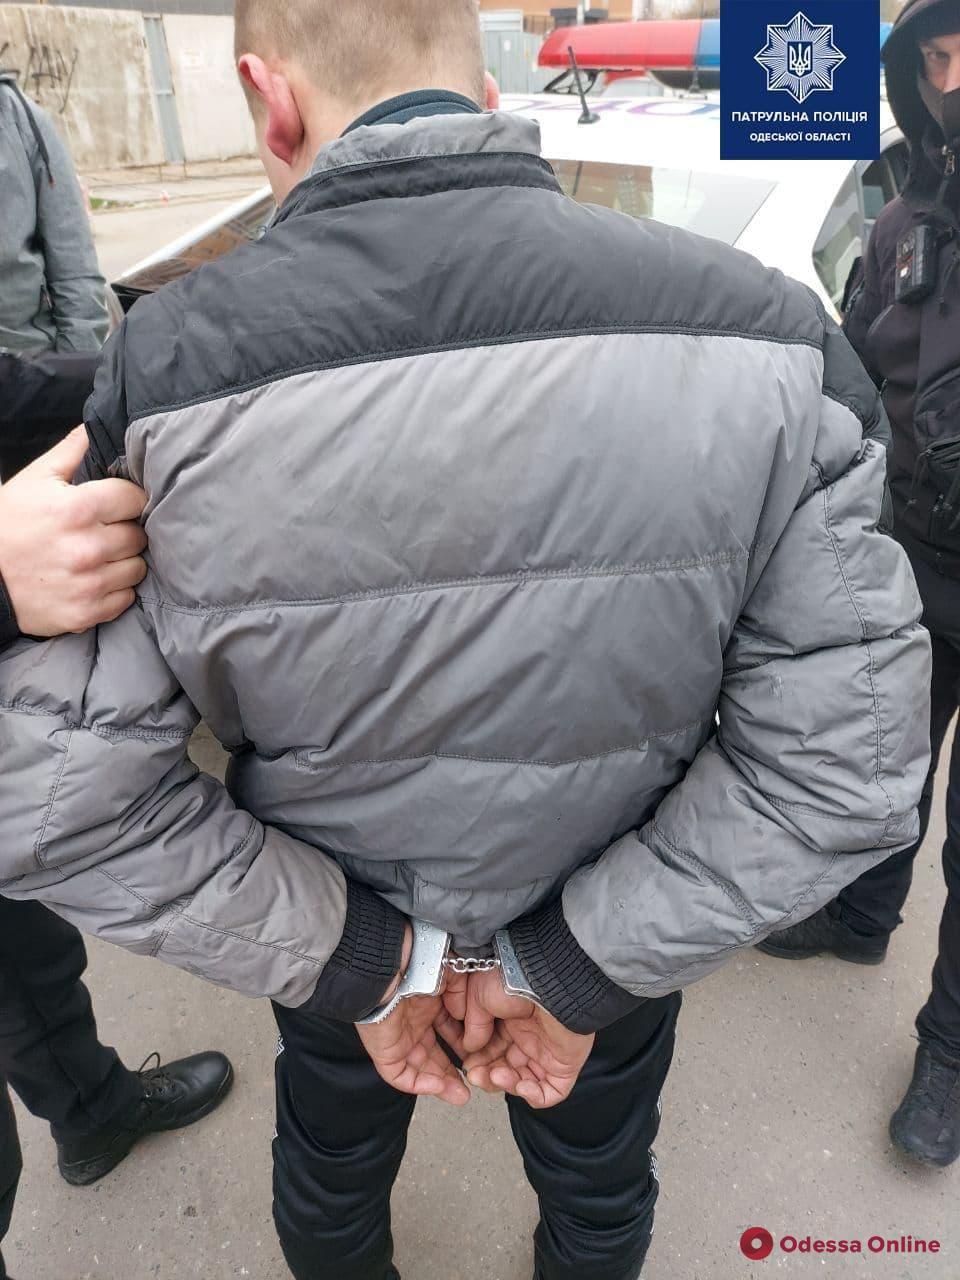 Охотились на женщин — в Одессе ловили грабителей на мопеде (фото)